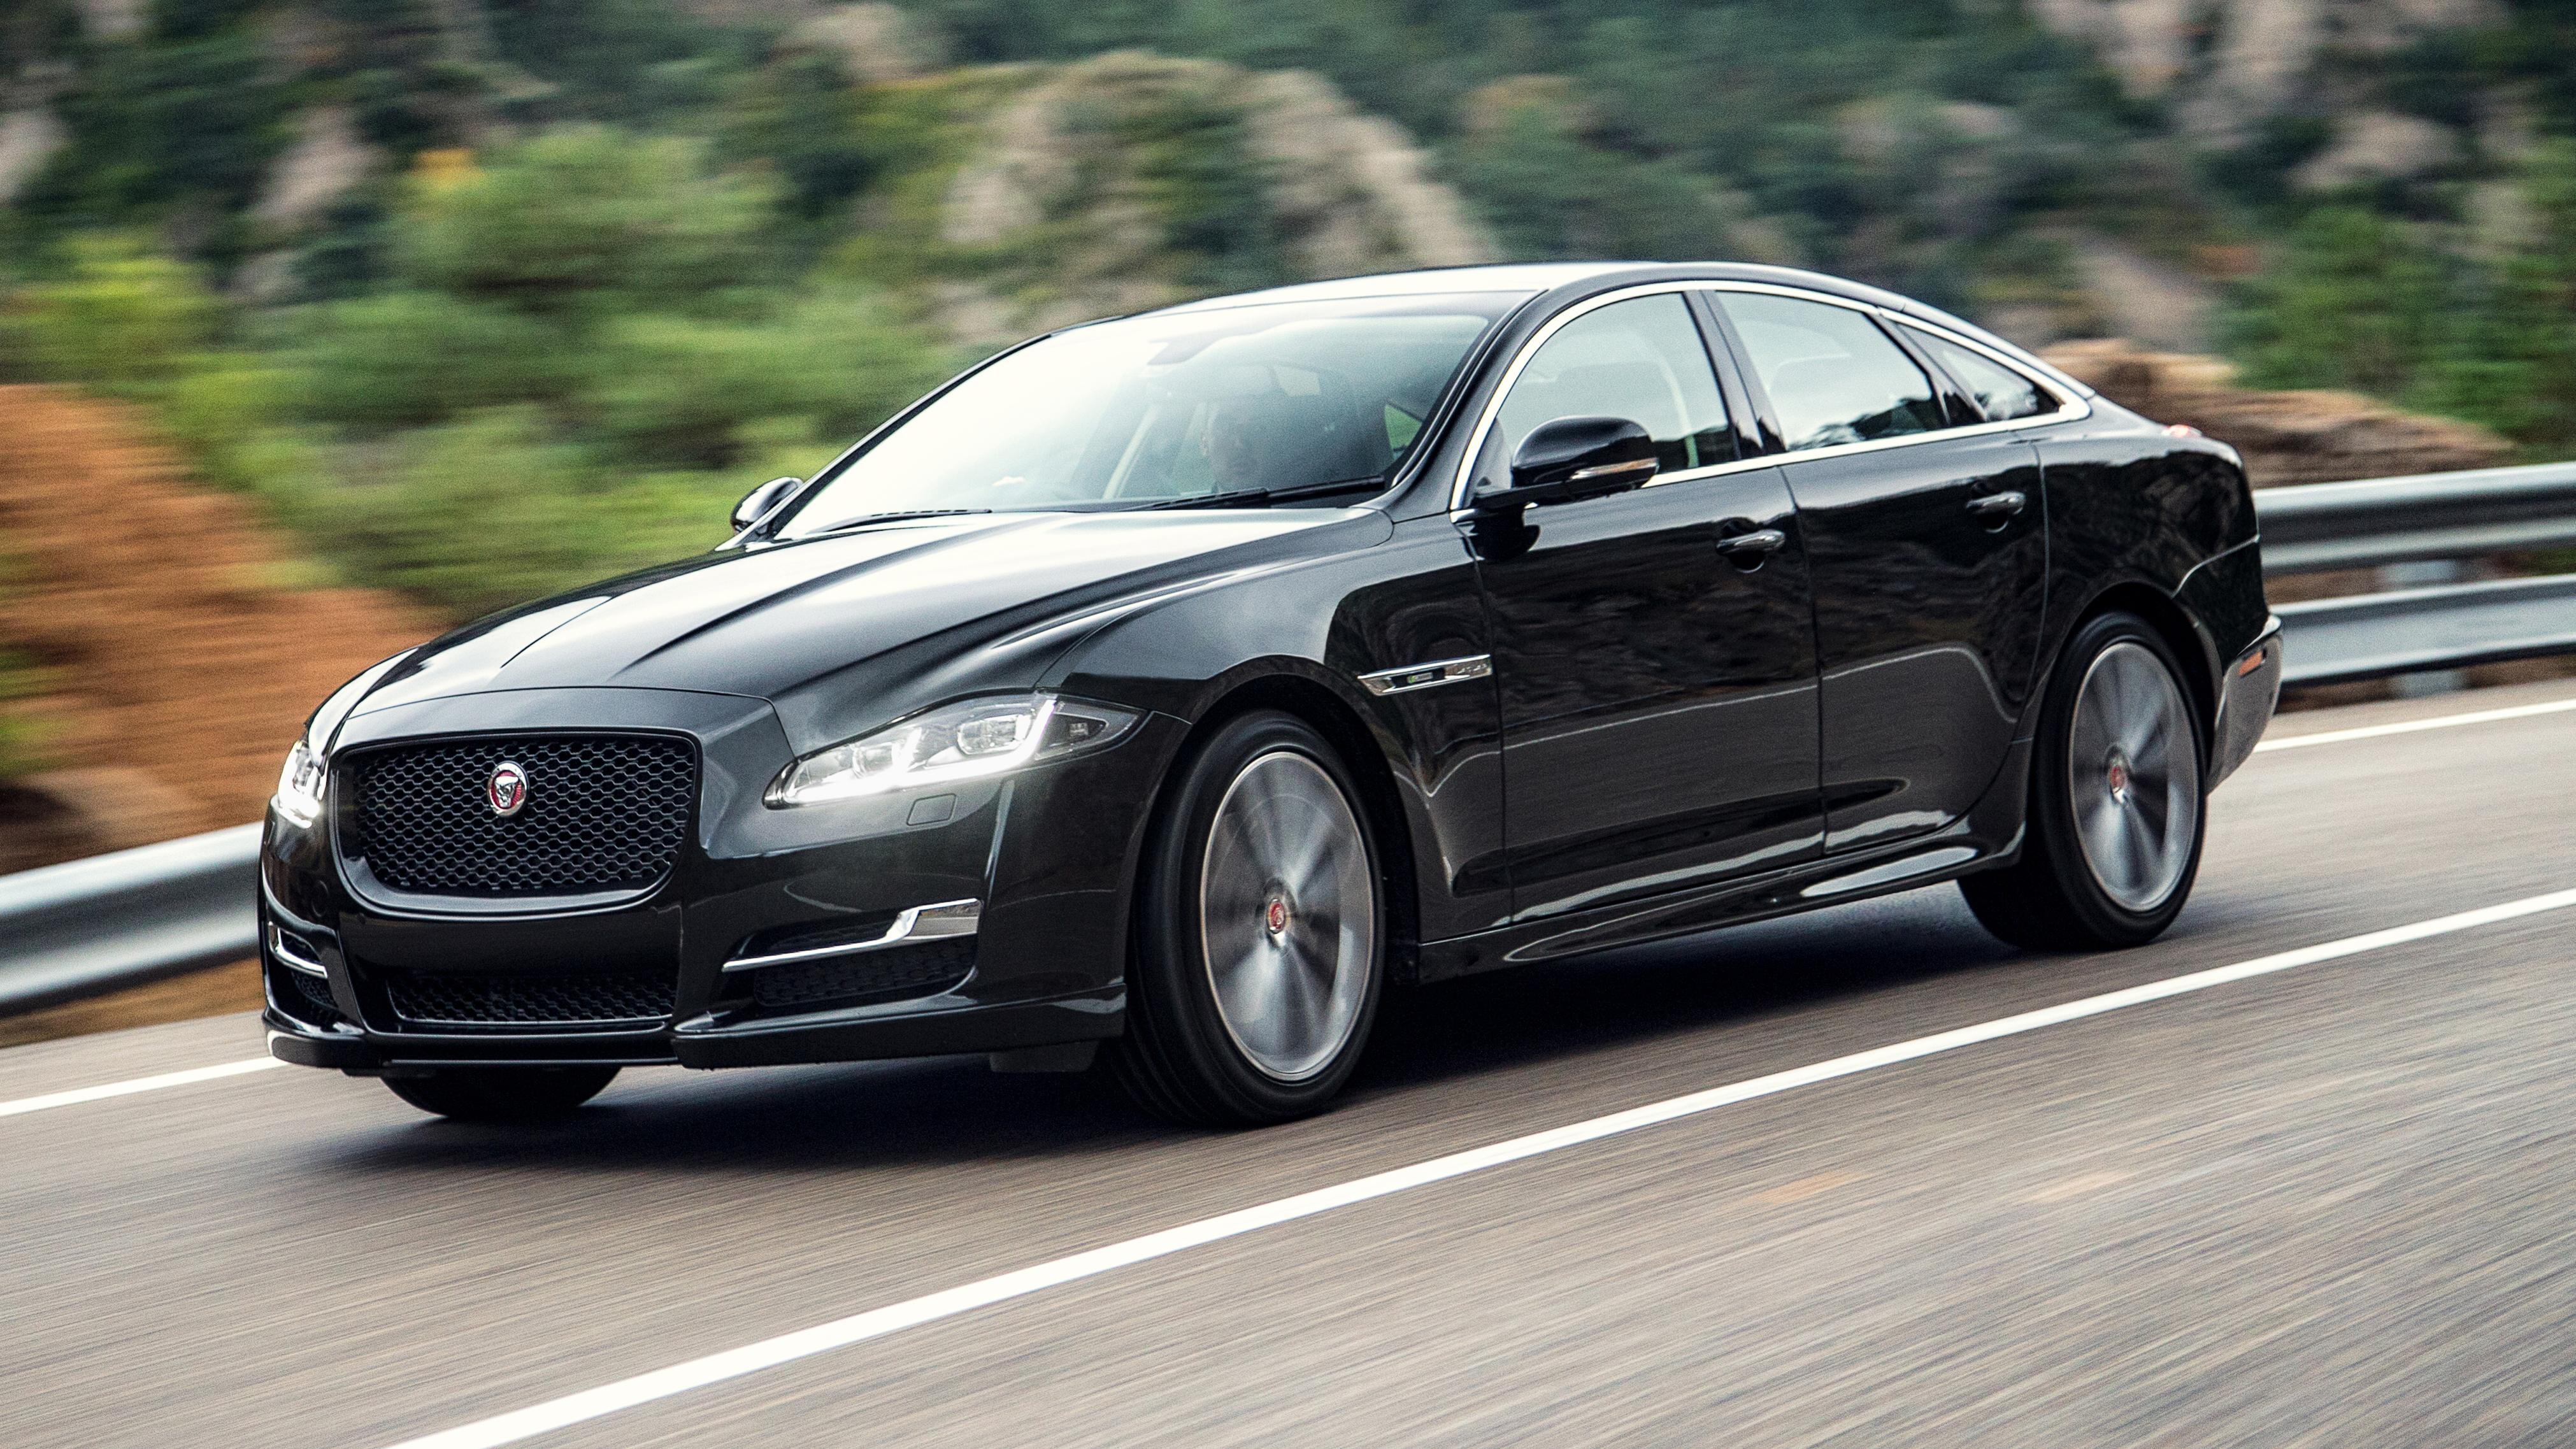 jaguar car review reviews list gear quarter r sport xj front top price